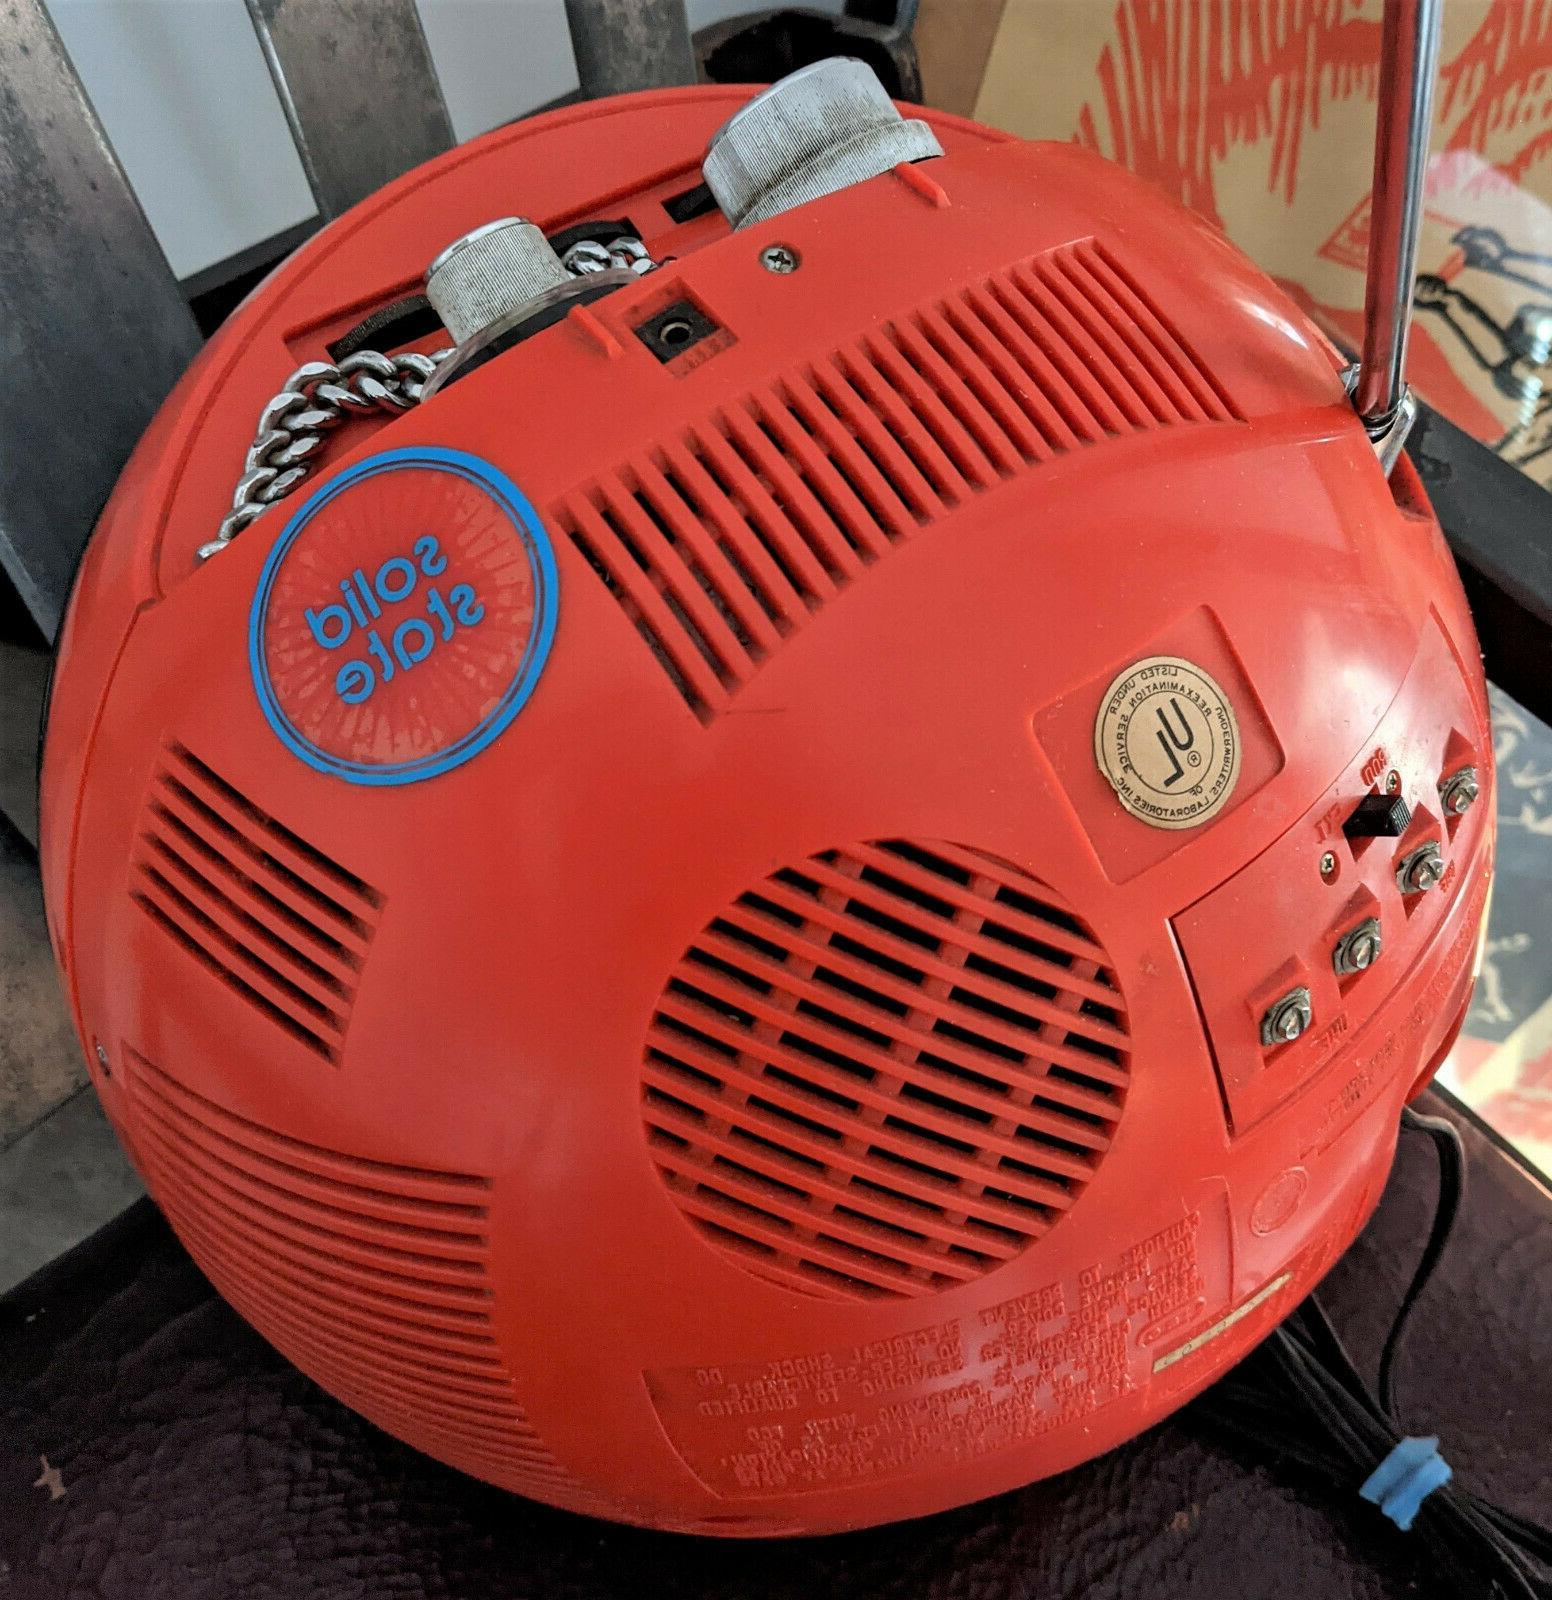 Vintage Age / Helmet CRT Television